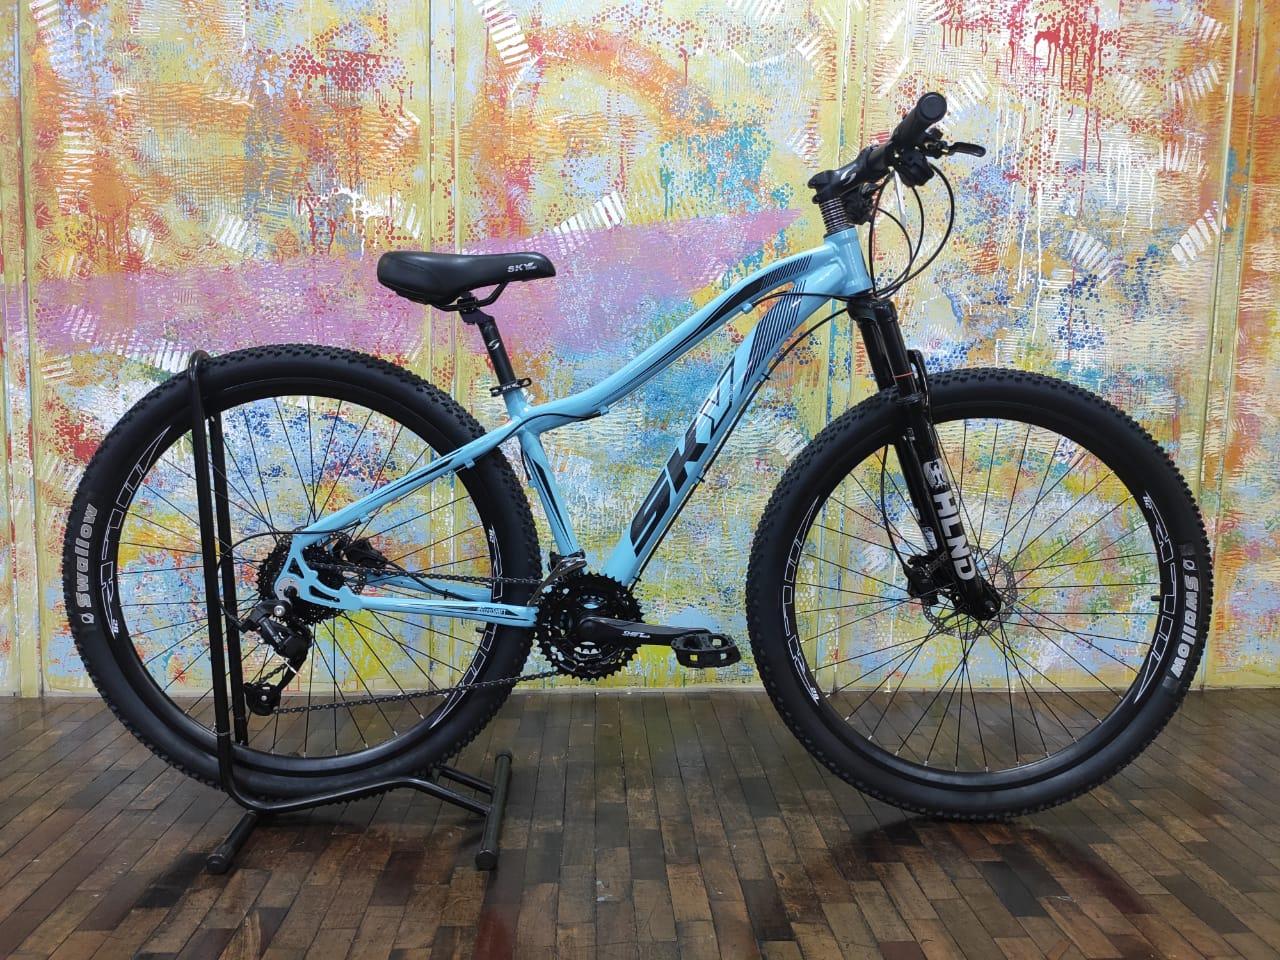 Bicicleta Sky Feminina 24v Aro 29